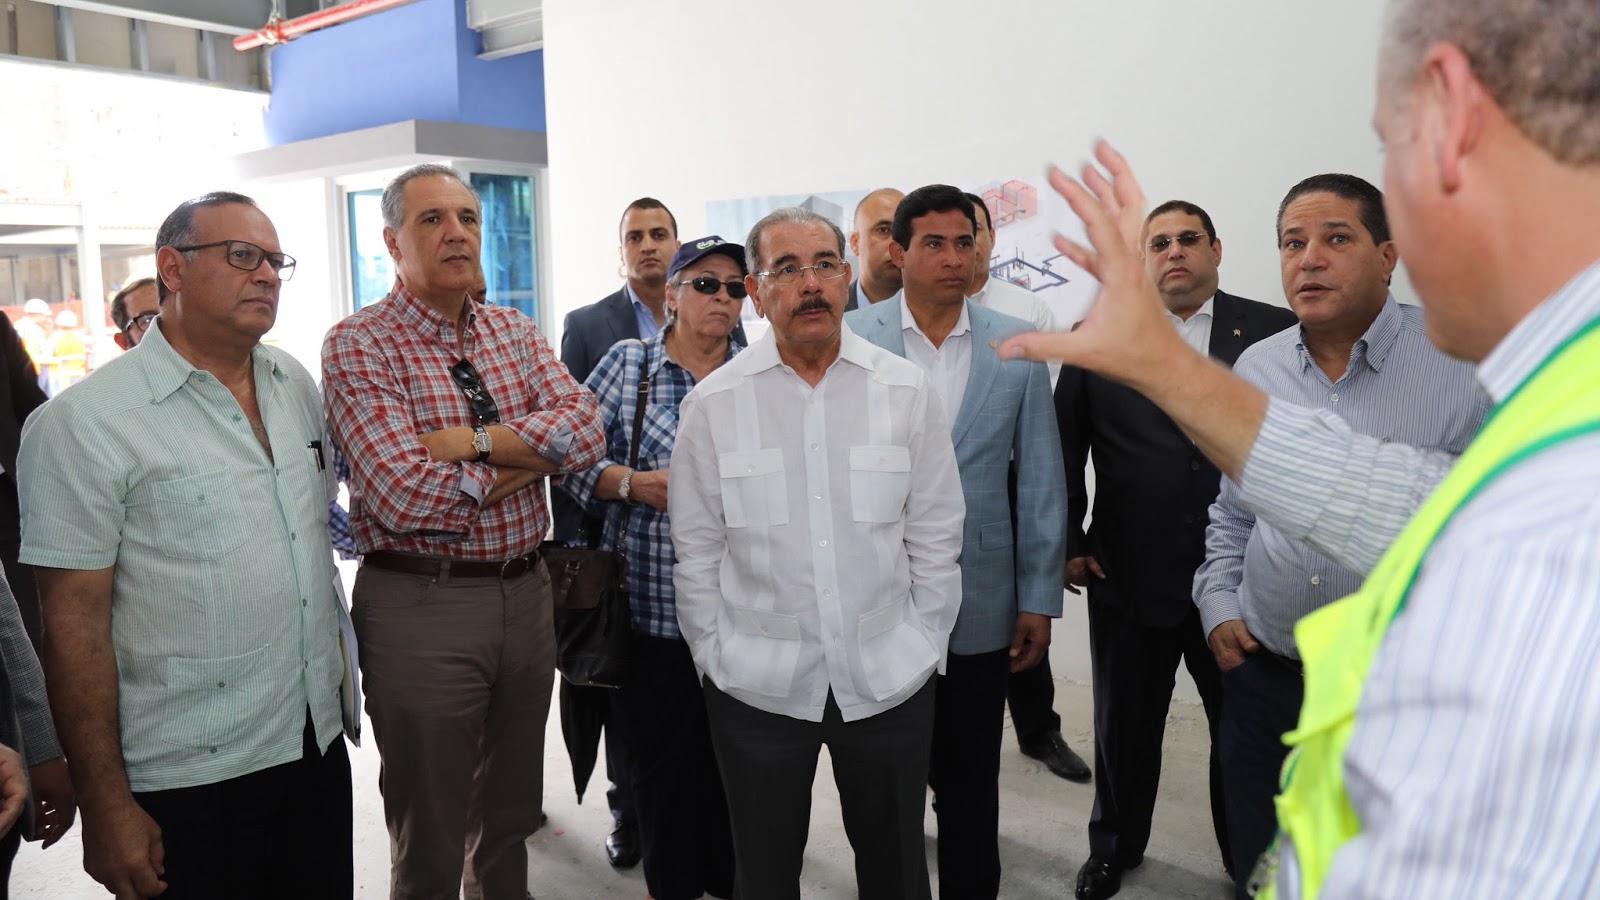 Visita Sorpresa: Danilo recibe explicaciones avances Ciudad Sanitaria Luis Eduardo Aybar